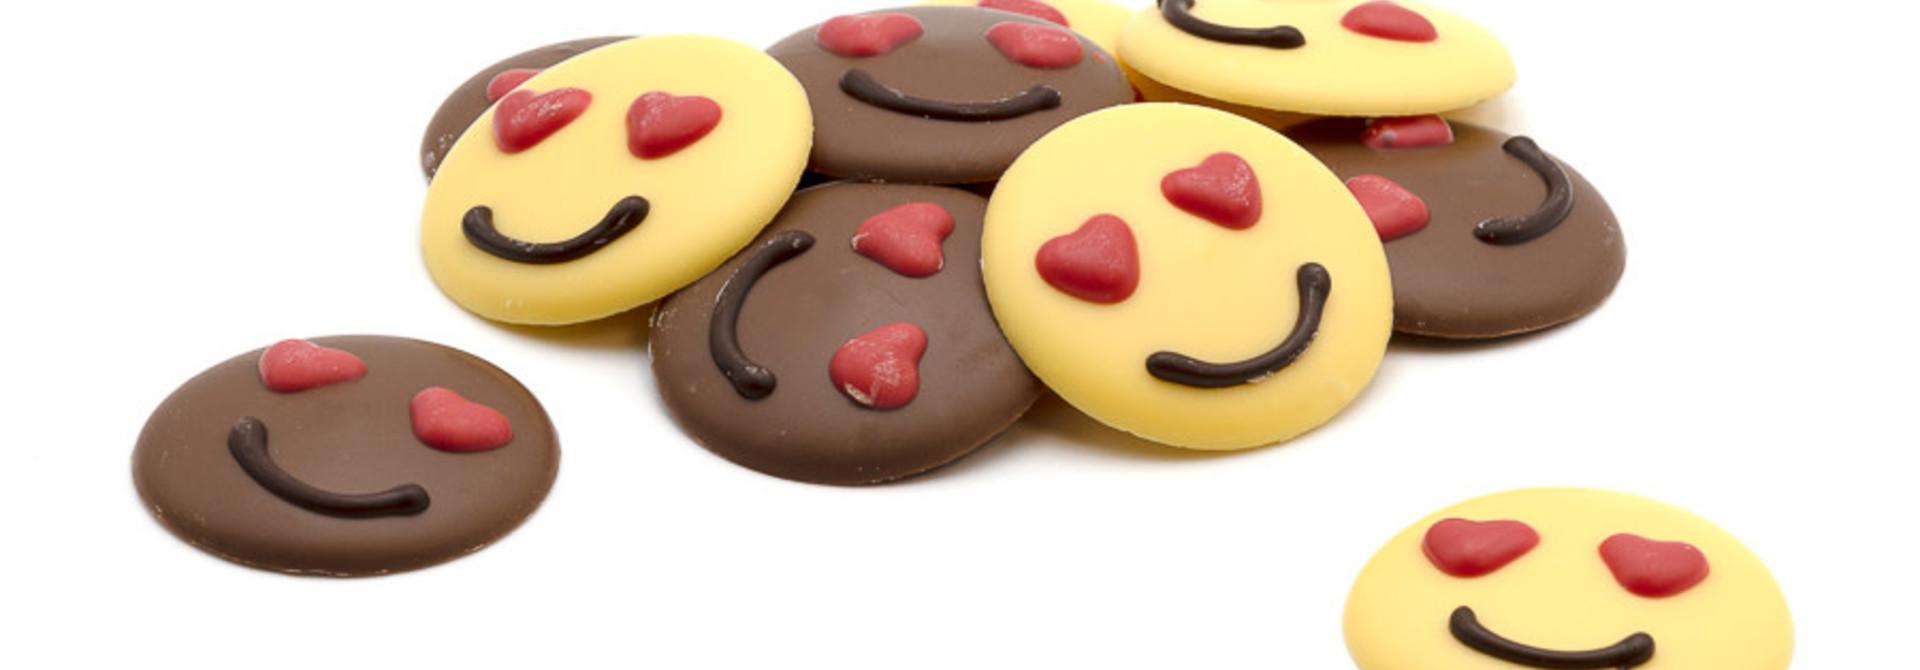 Lovely emojis in bag 100 Grs